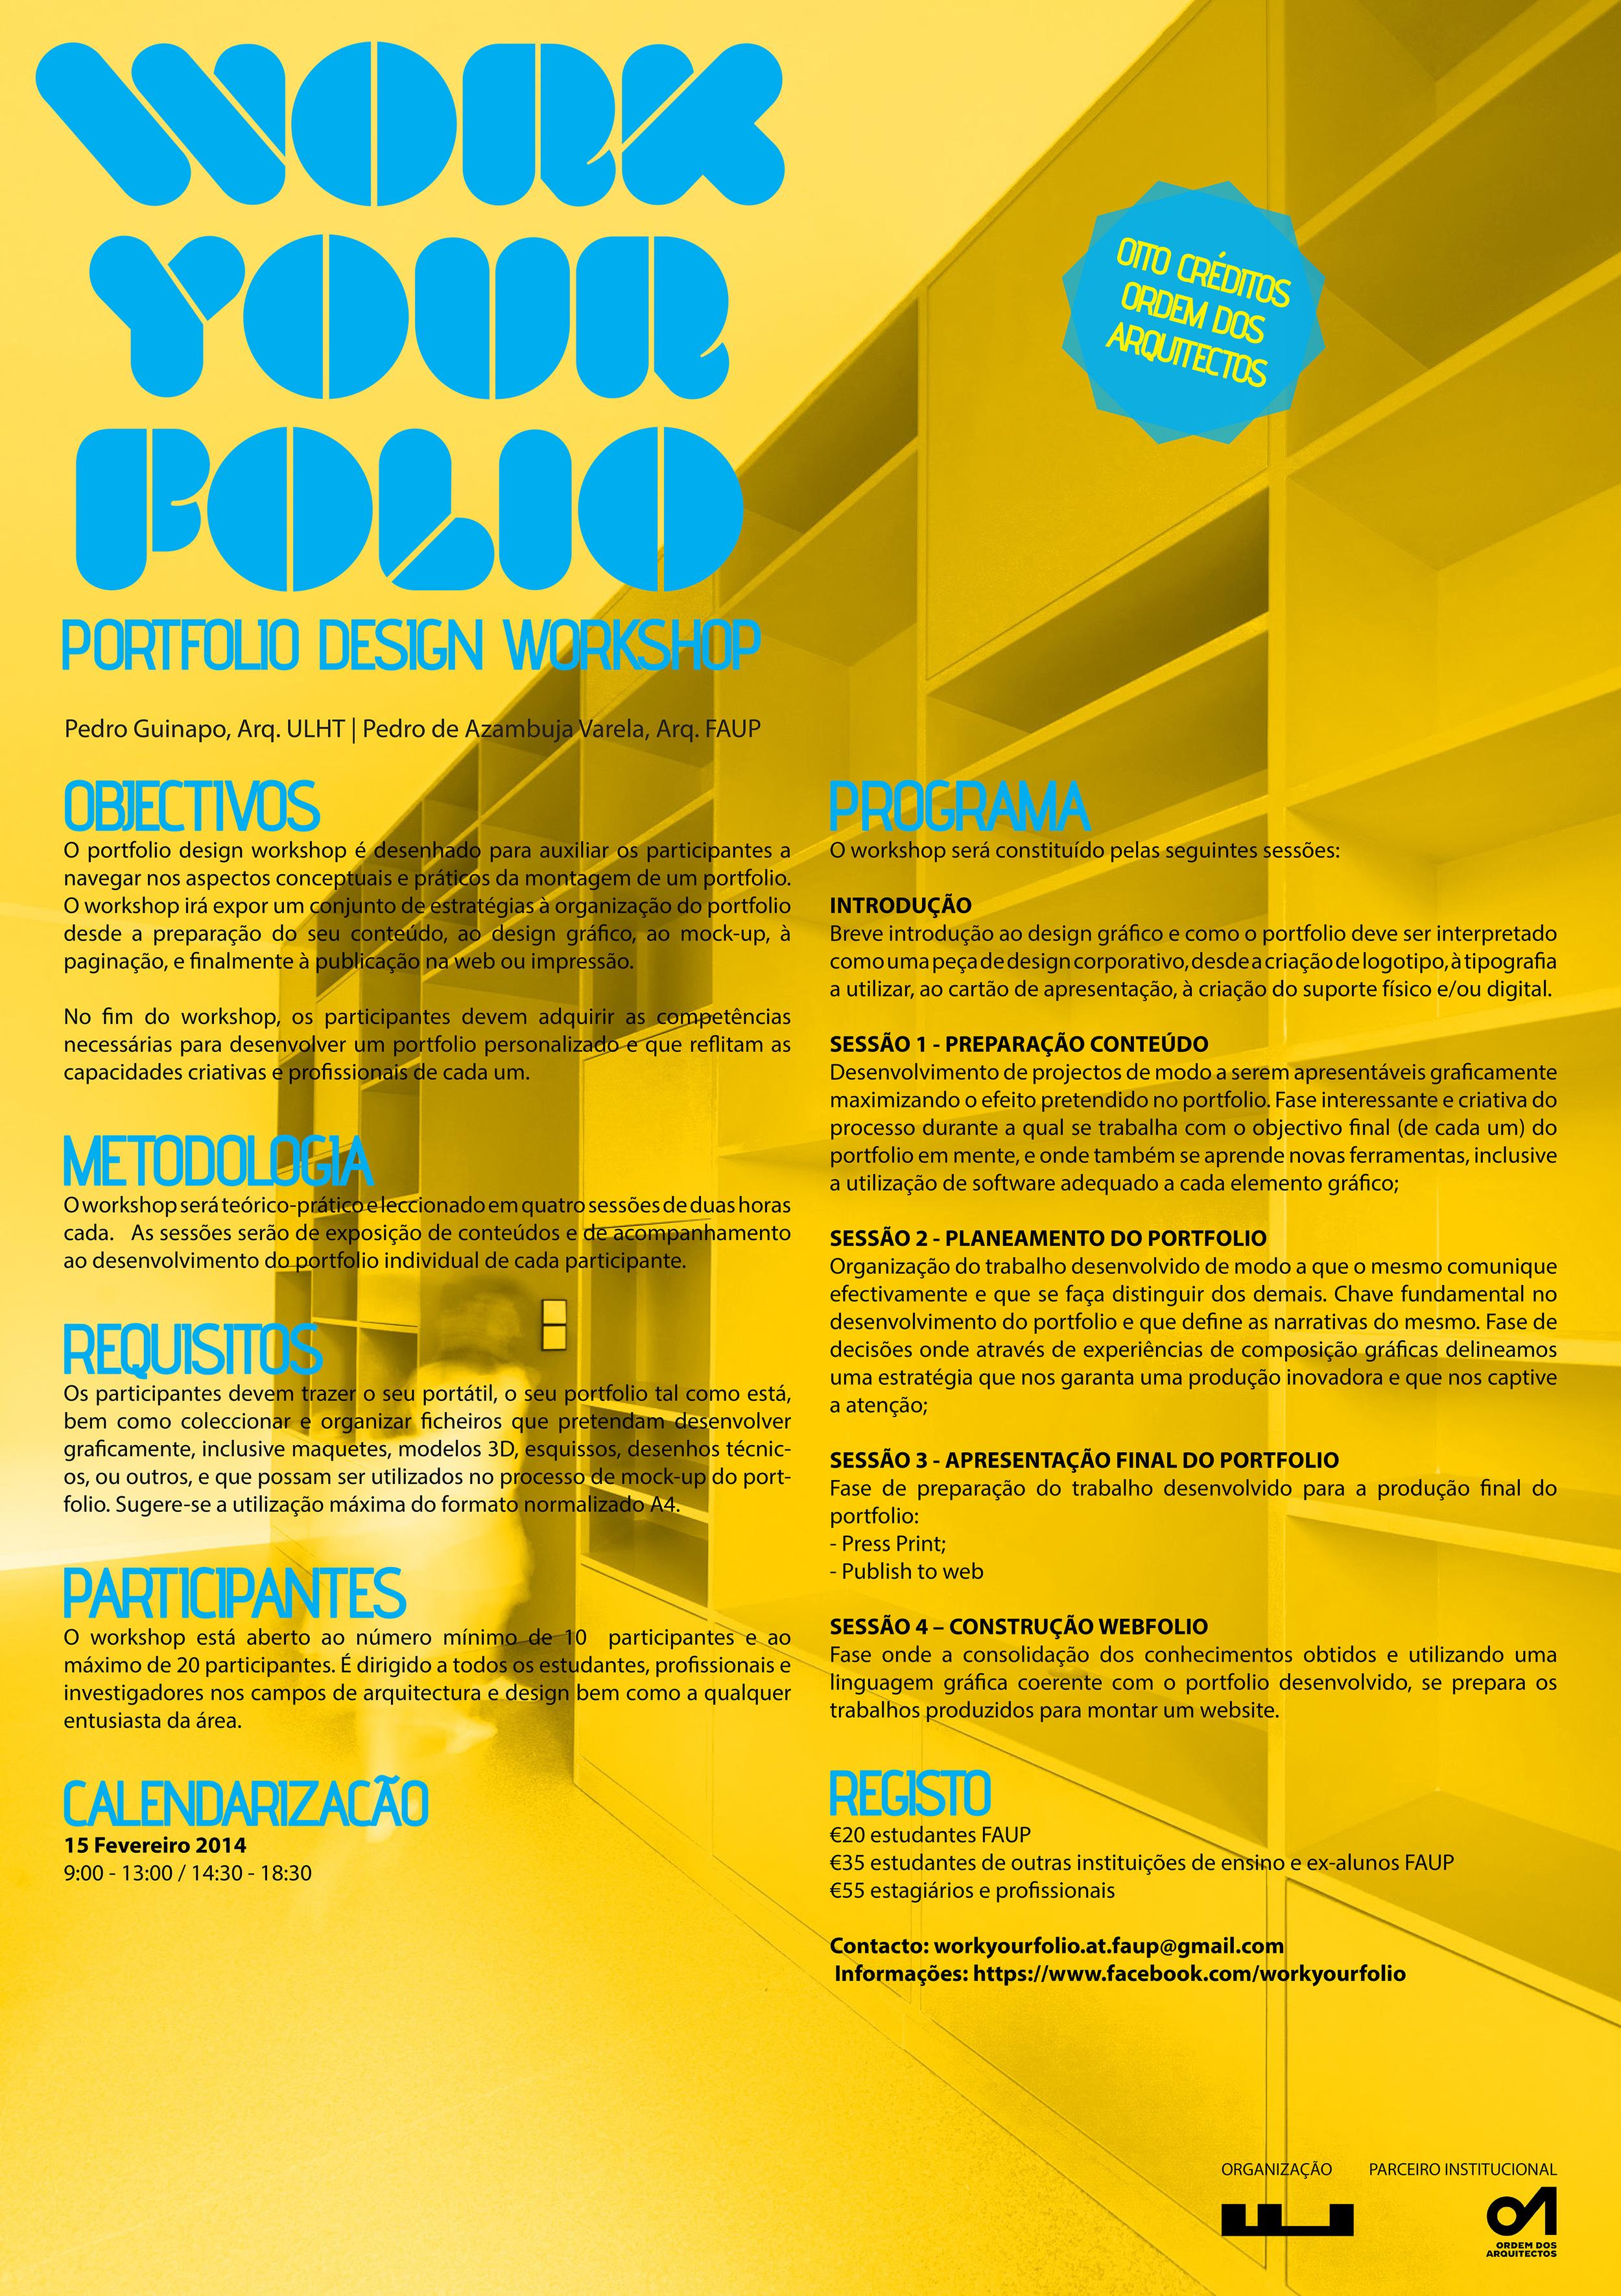 WORKYOURFOLIO_PORTFOLIO-DESIGN-WORKSHOP_FAUP (1) (1)-3.jpg